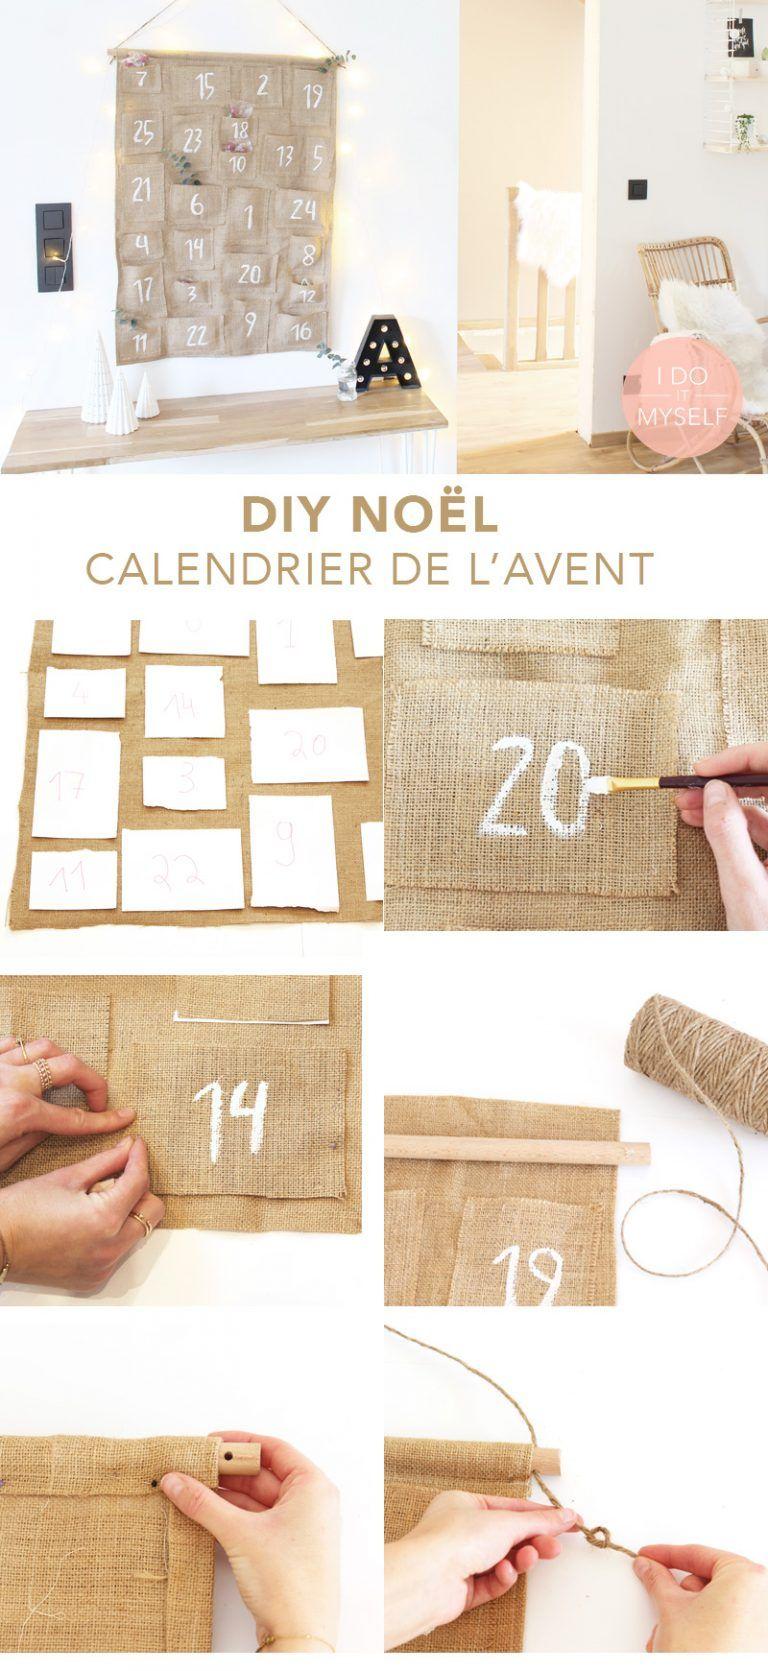 DIY 70 - Calendrier de l'avent - I do it myself #calendrierdelaventfaitmaison